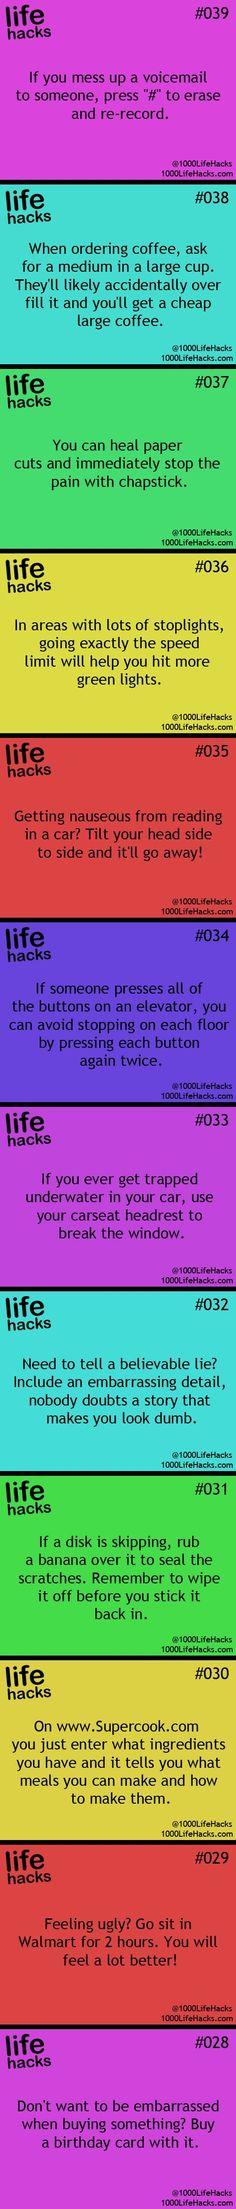 I love life hacks! So many great ideas!!